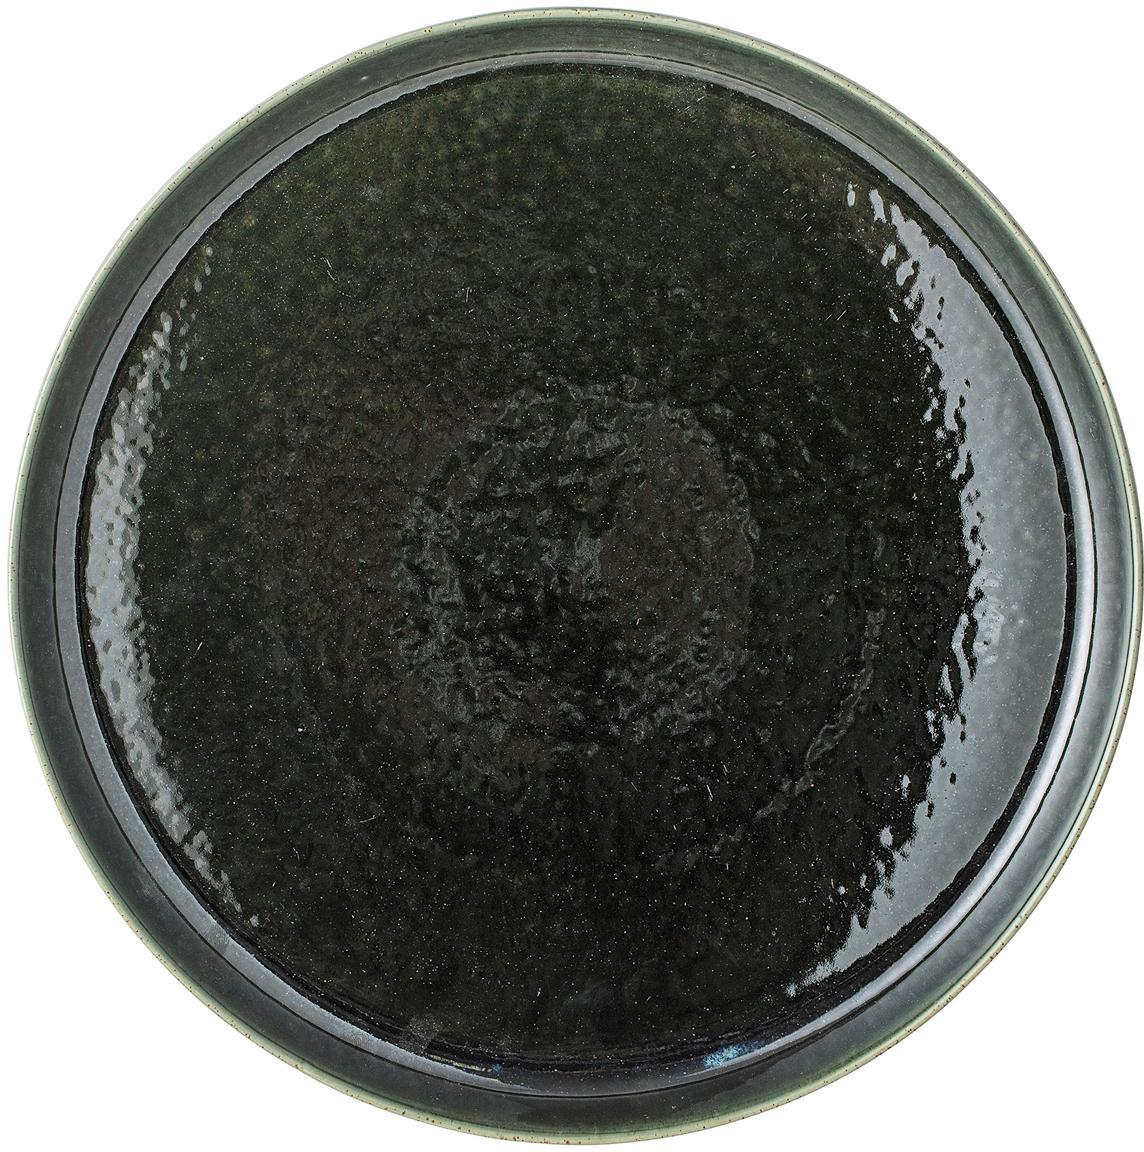 Handgefertigtes Tablett Lara, Steingut, Grün, Ø 33 cm